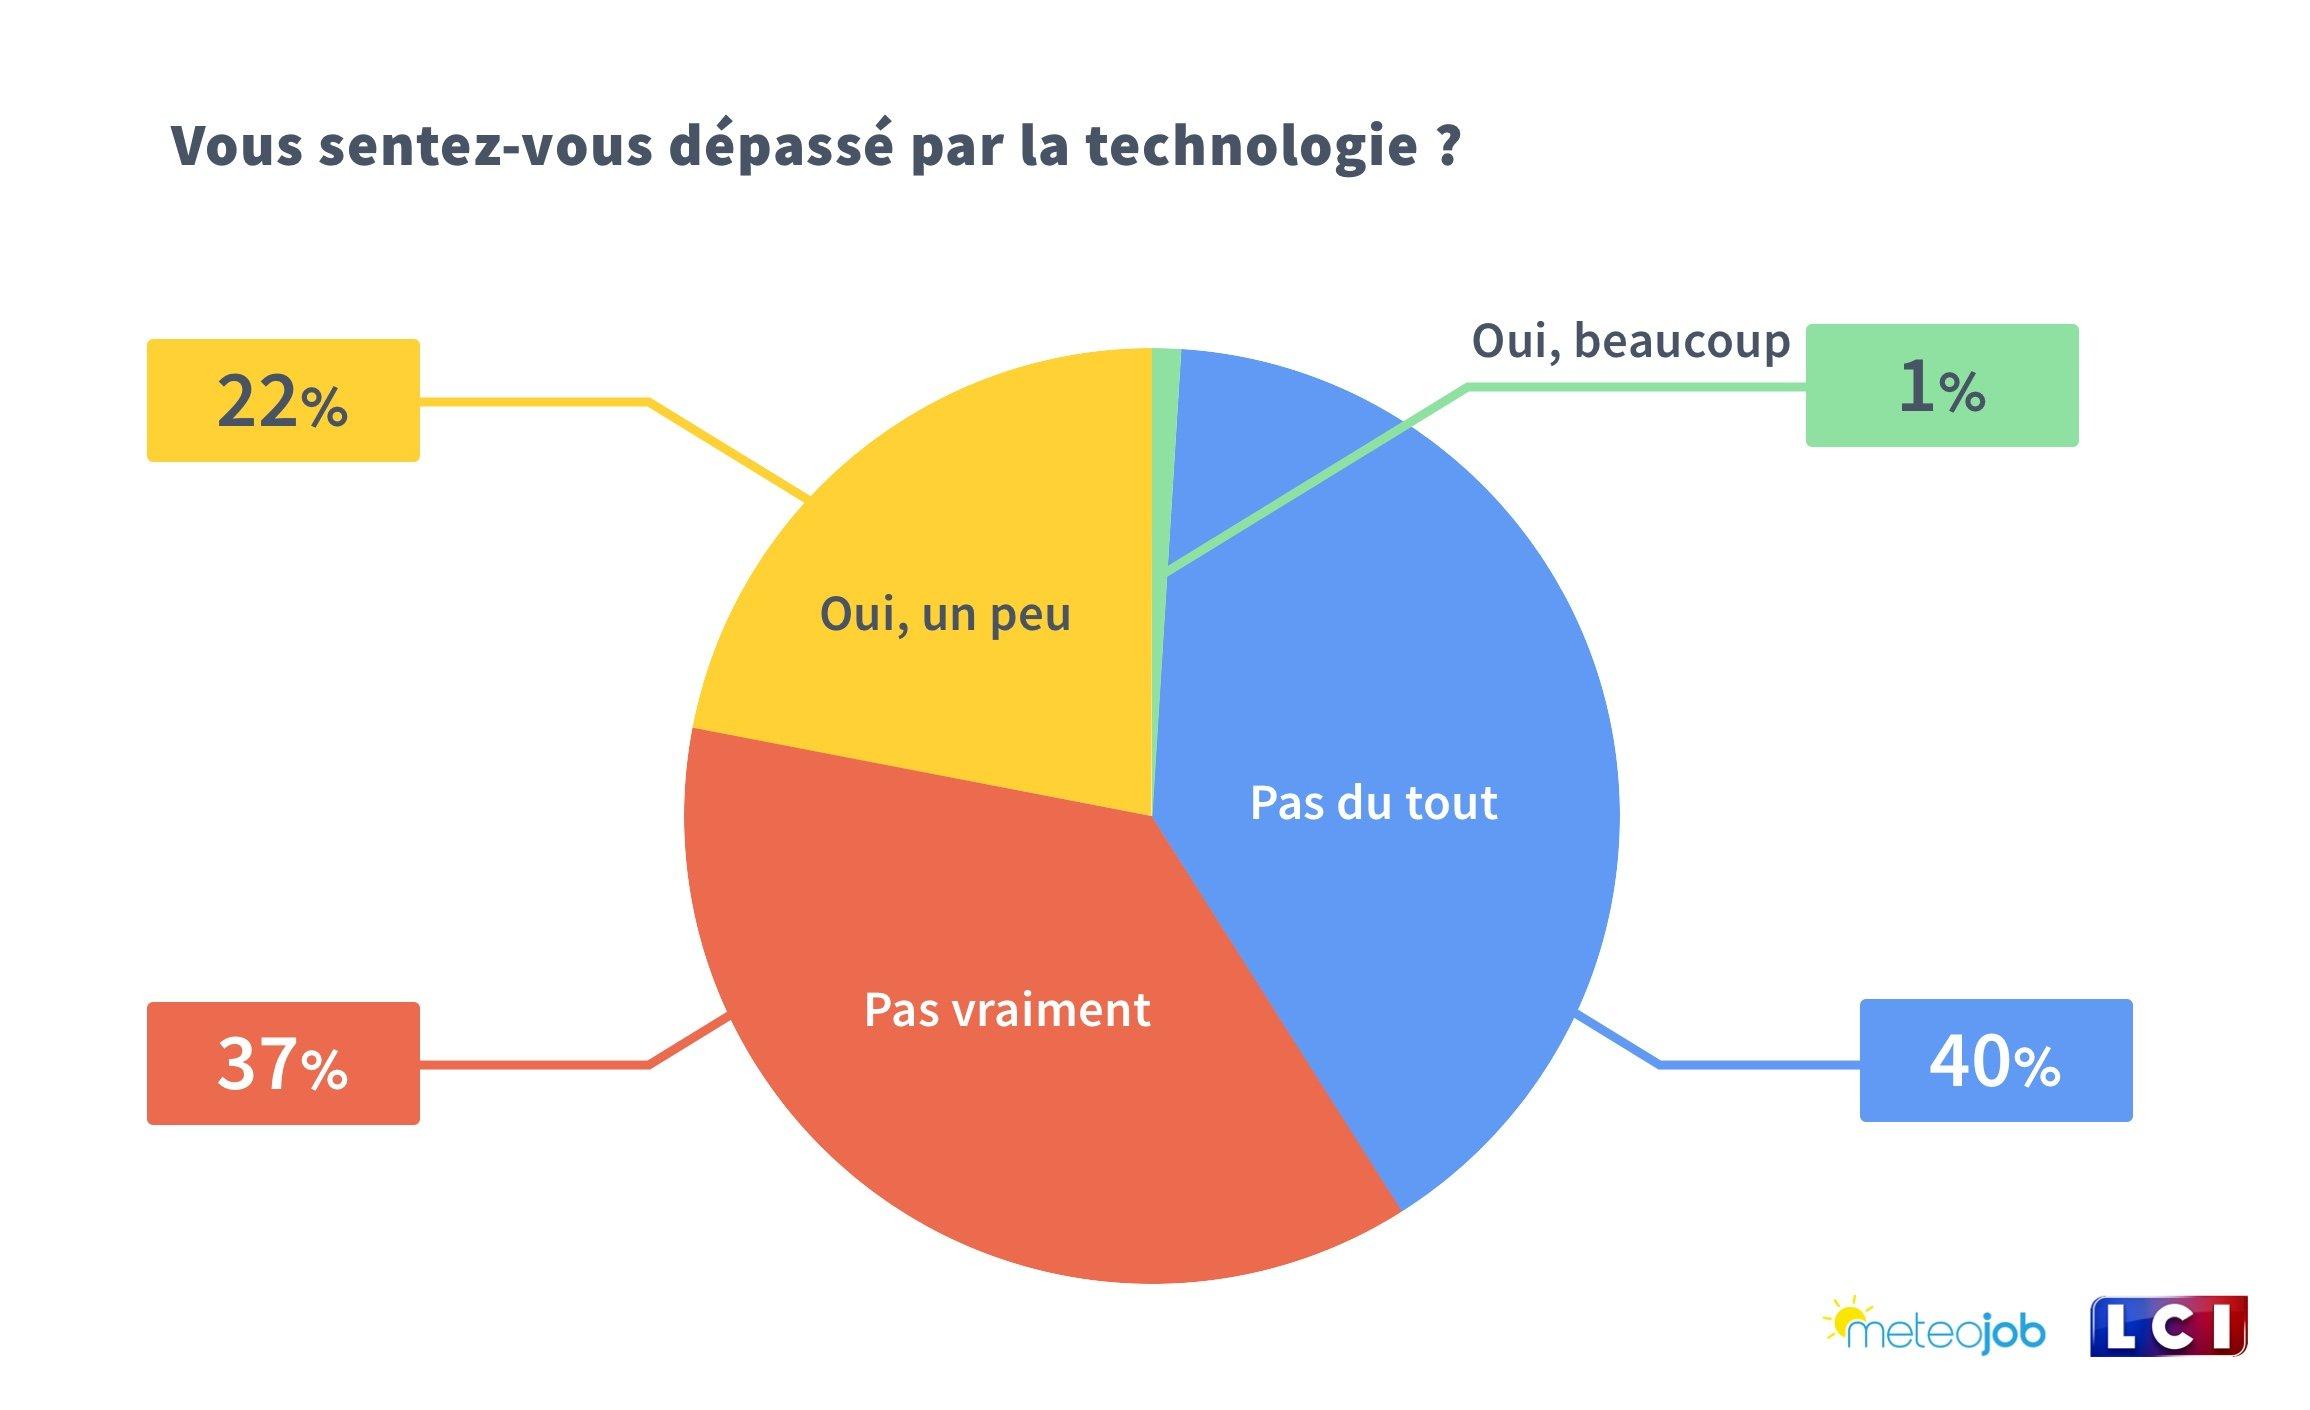 Vous sentez-vous dépassé par la technologie ?